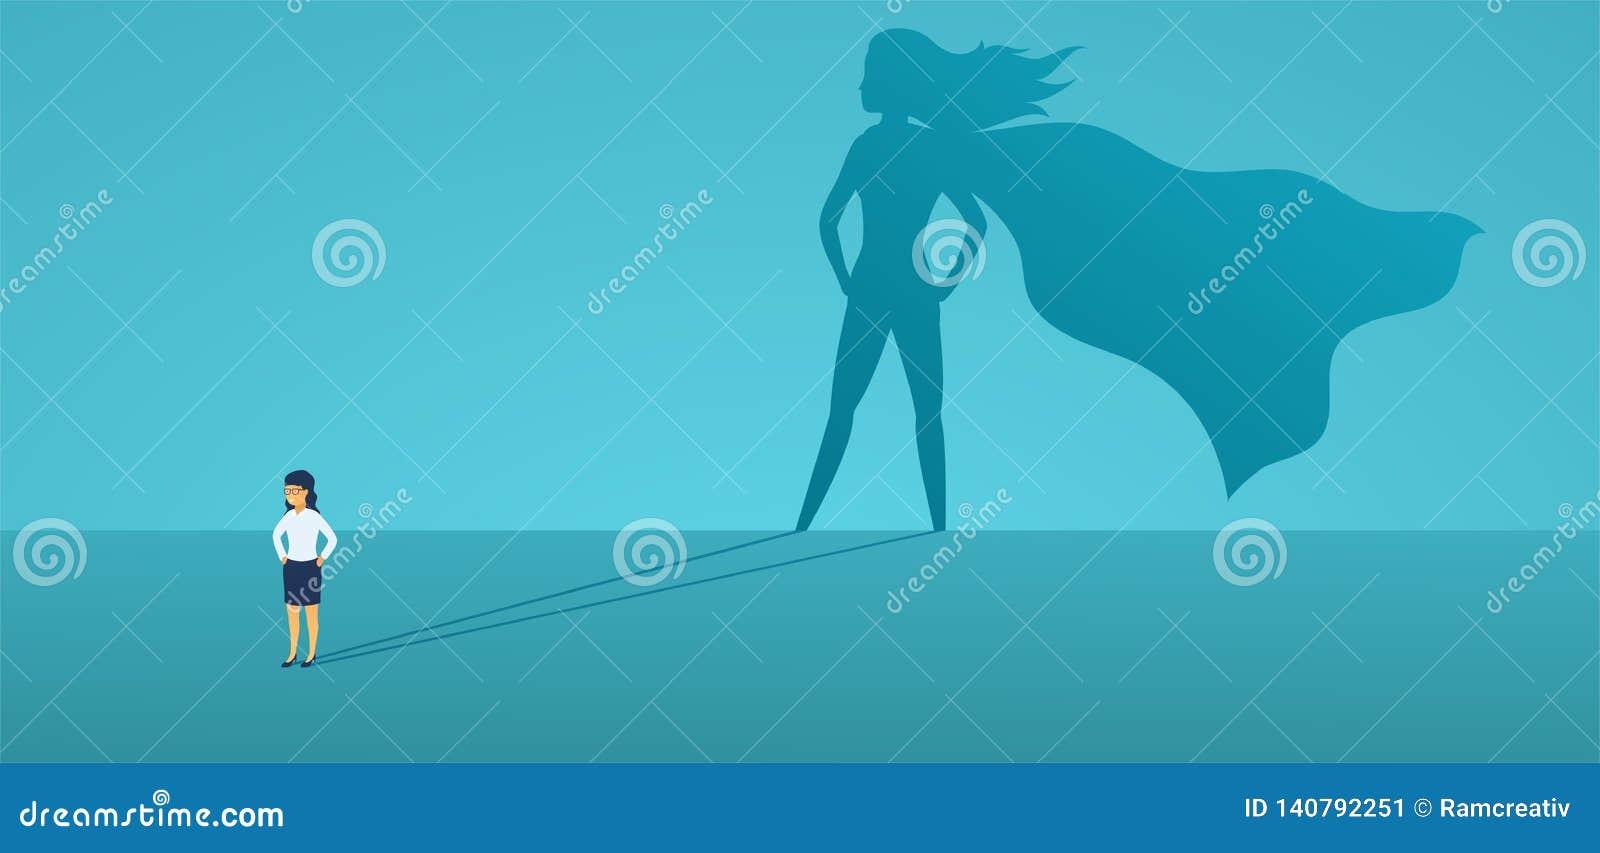 Бизнес-леди с большим супергероем тени Супер руководитель менеджера в деле Концепция успеха, качества руководства